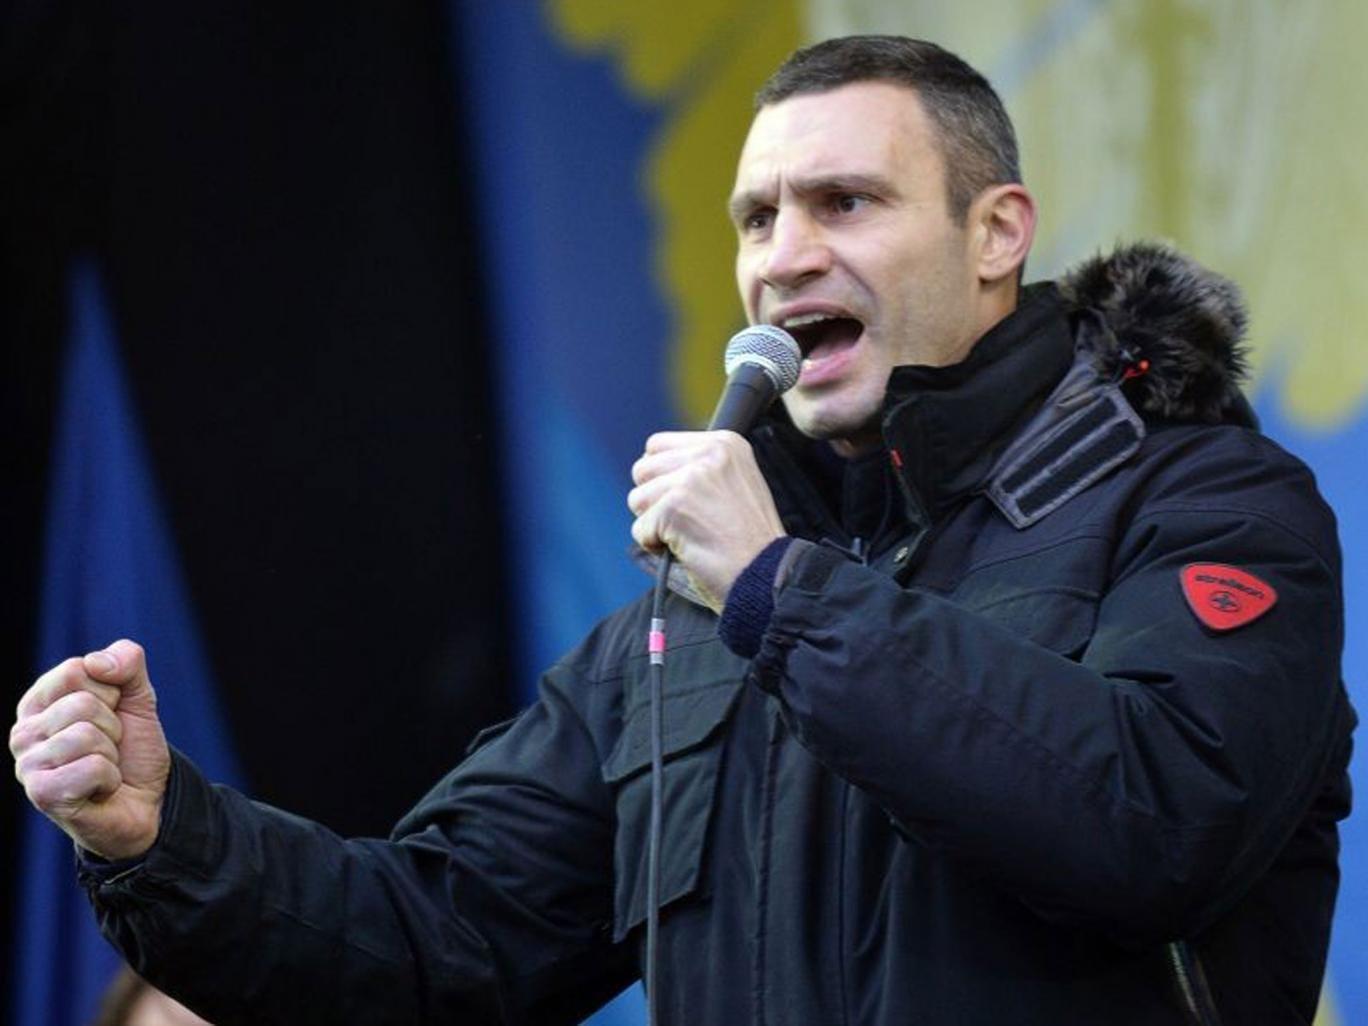 Champion's cause: Vitali Klitschko is challenging Ukraine's president